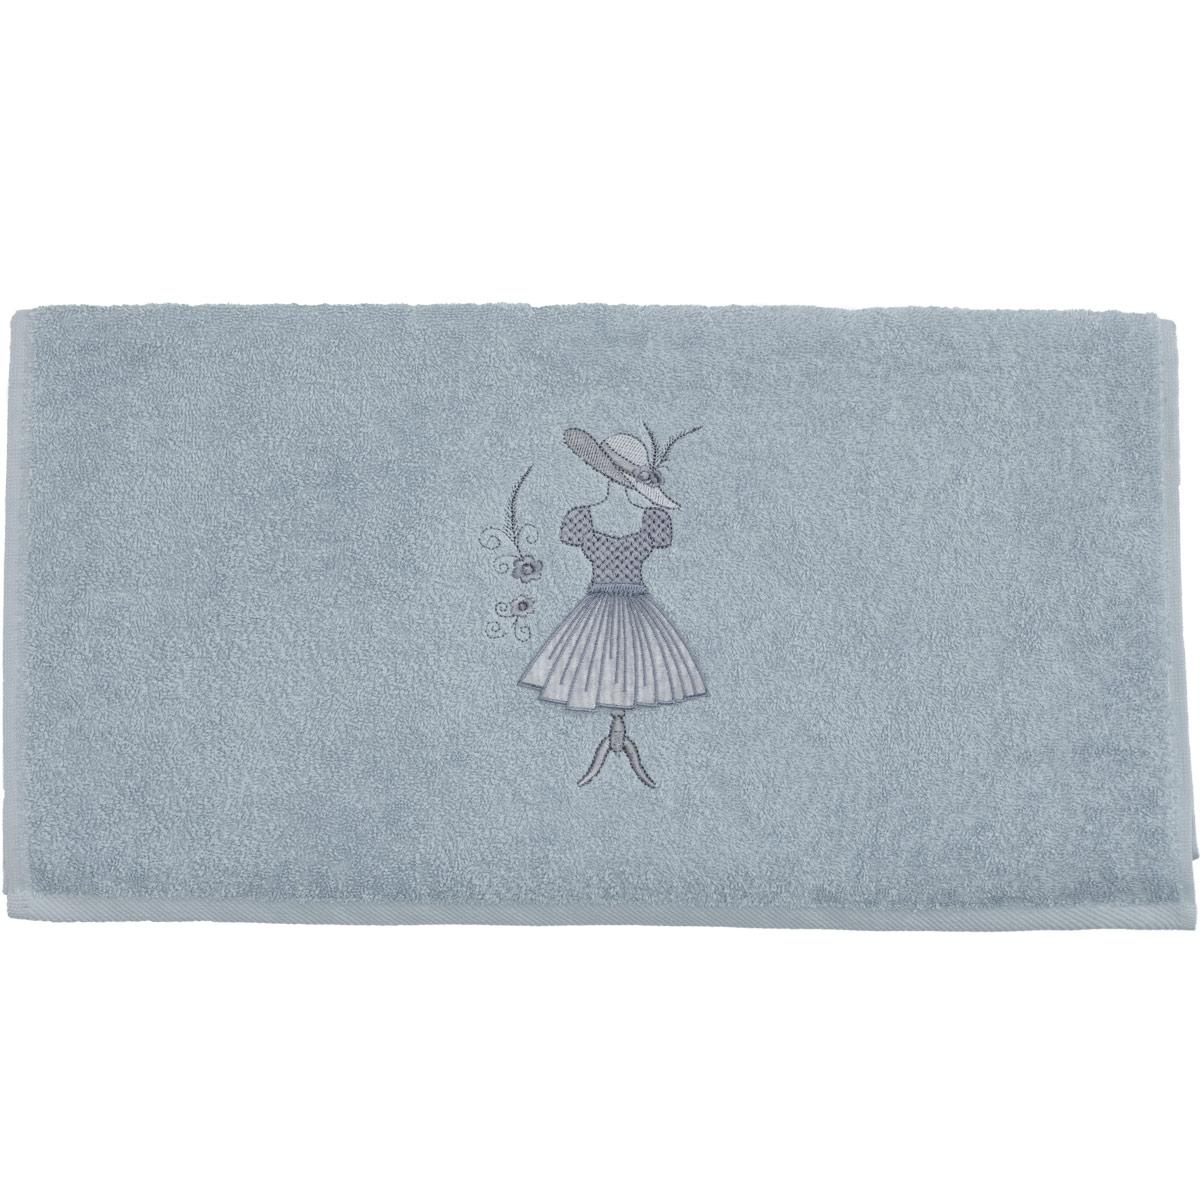 serviette de toilette brod e haute couture arctic blanc homemaison vente en ligne. Black Bedroom Furniture Sets. Home Design Ideas